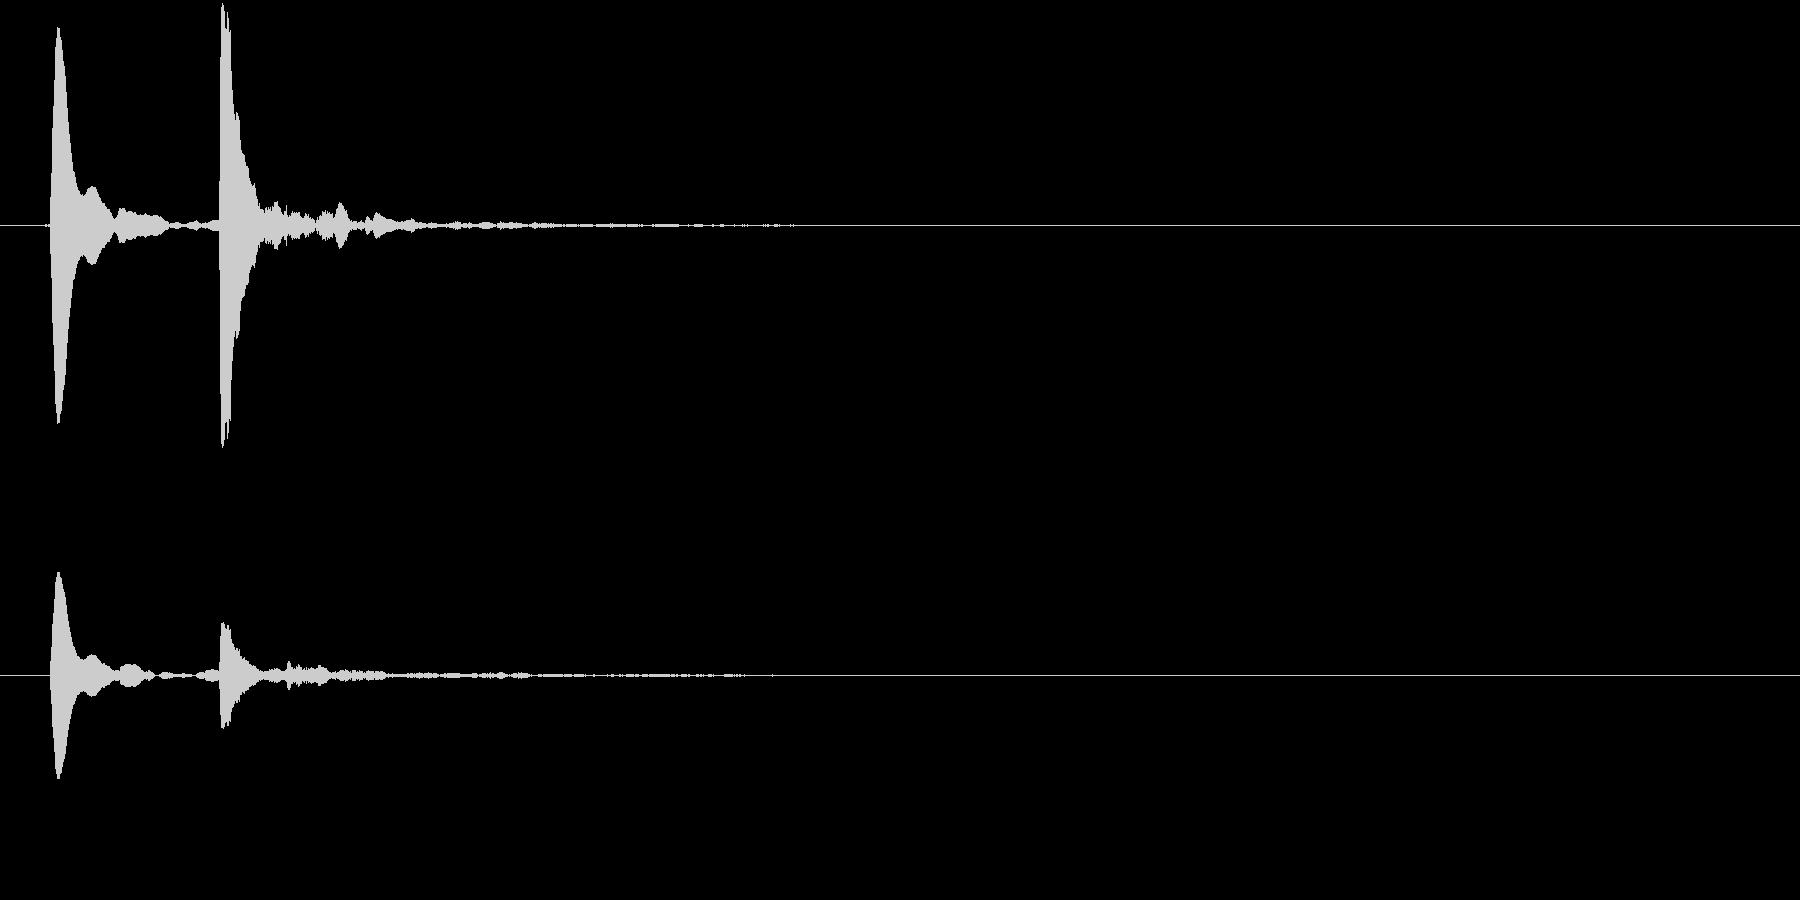 コテッ(コミカル、転ぶ、すべる、失敗)の未再生の波形